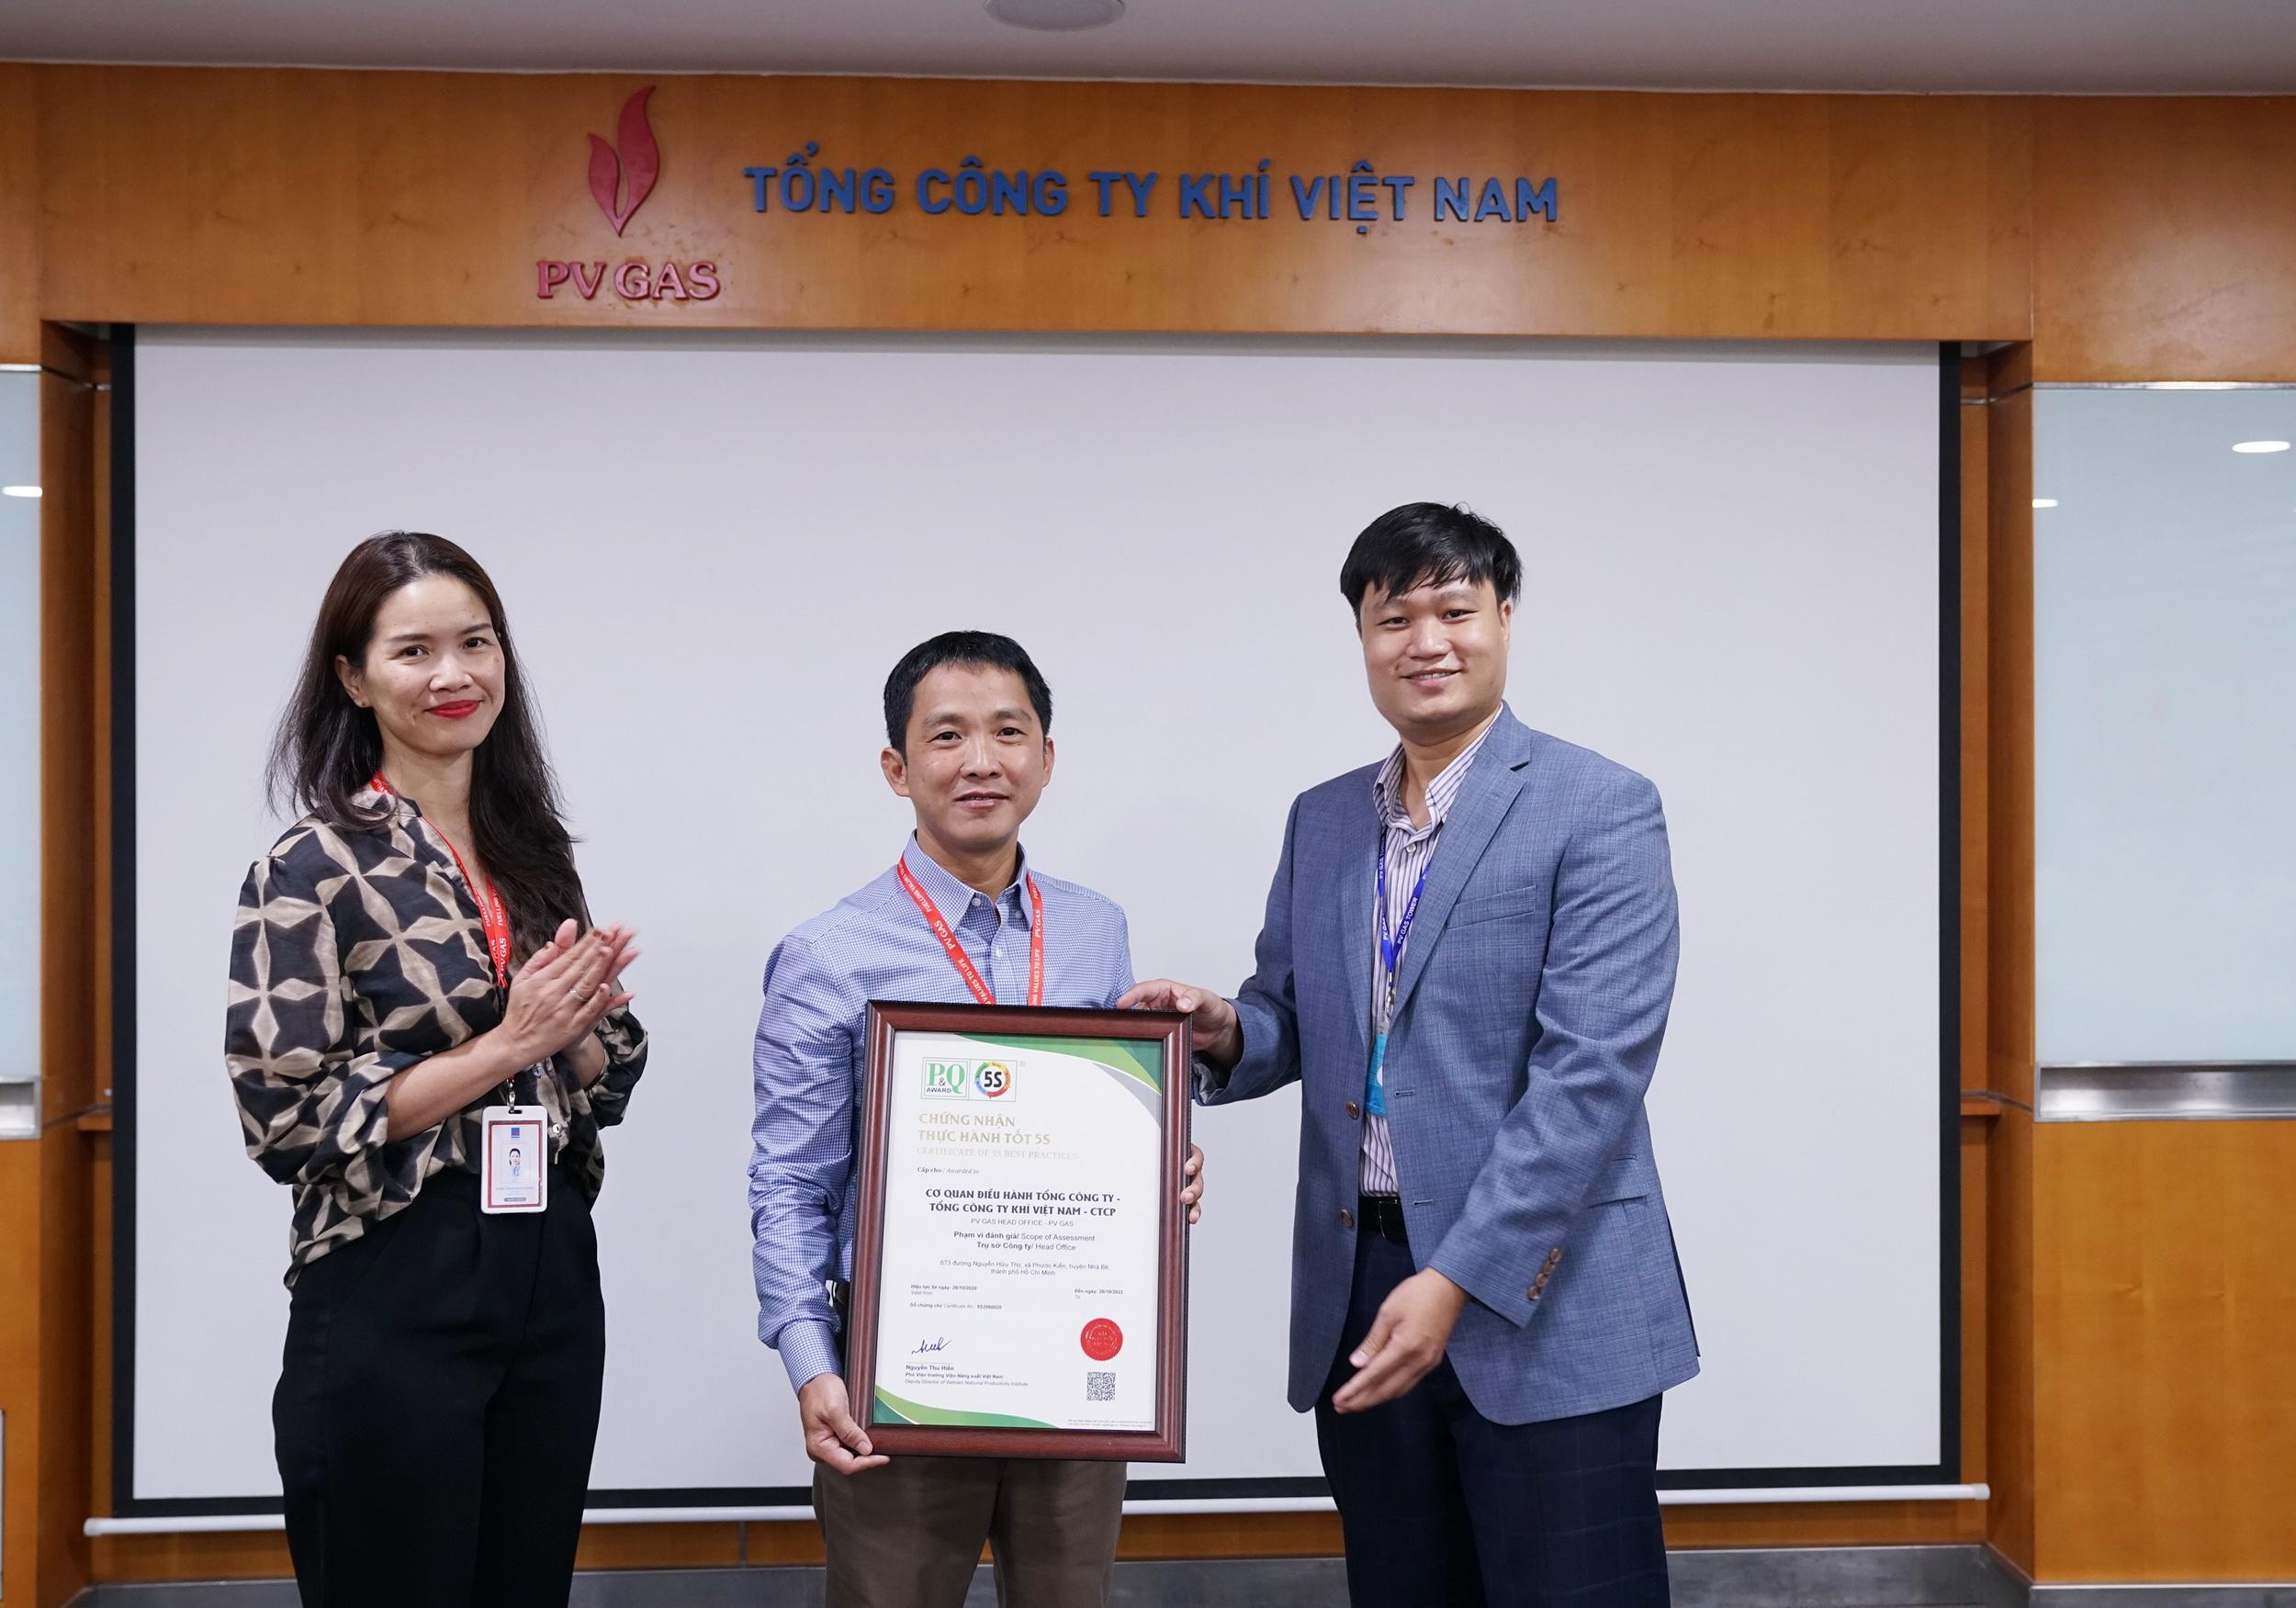 Được triển khai toàn diện và hiệu quả, thực sự đi vào thực tiễn. Tháng 10/2020, CQĐH TCT đã được Viện năng suất Việt Nam cấp chứng nhận thực hành tốt 5S cho Cơ quan Điều hành PV GAS